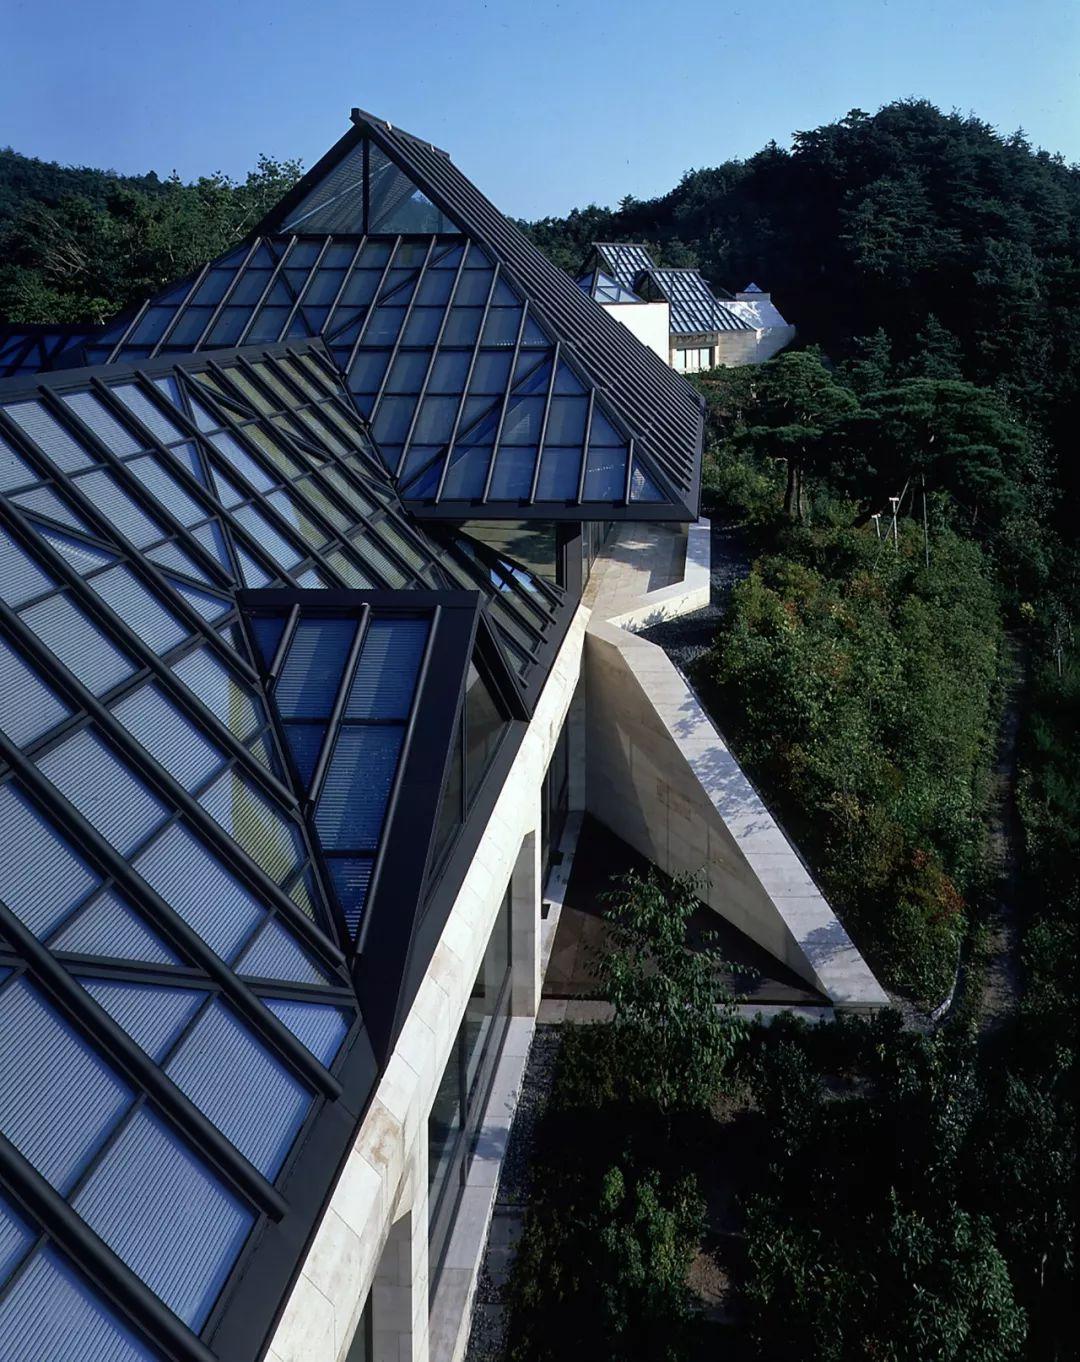 致敬贝聿铭:世界上最会用「三角形」的建筑大师_65